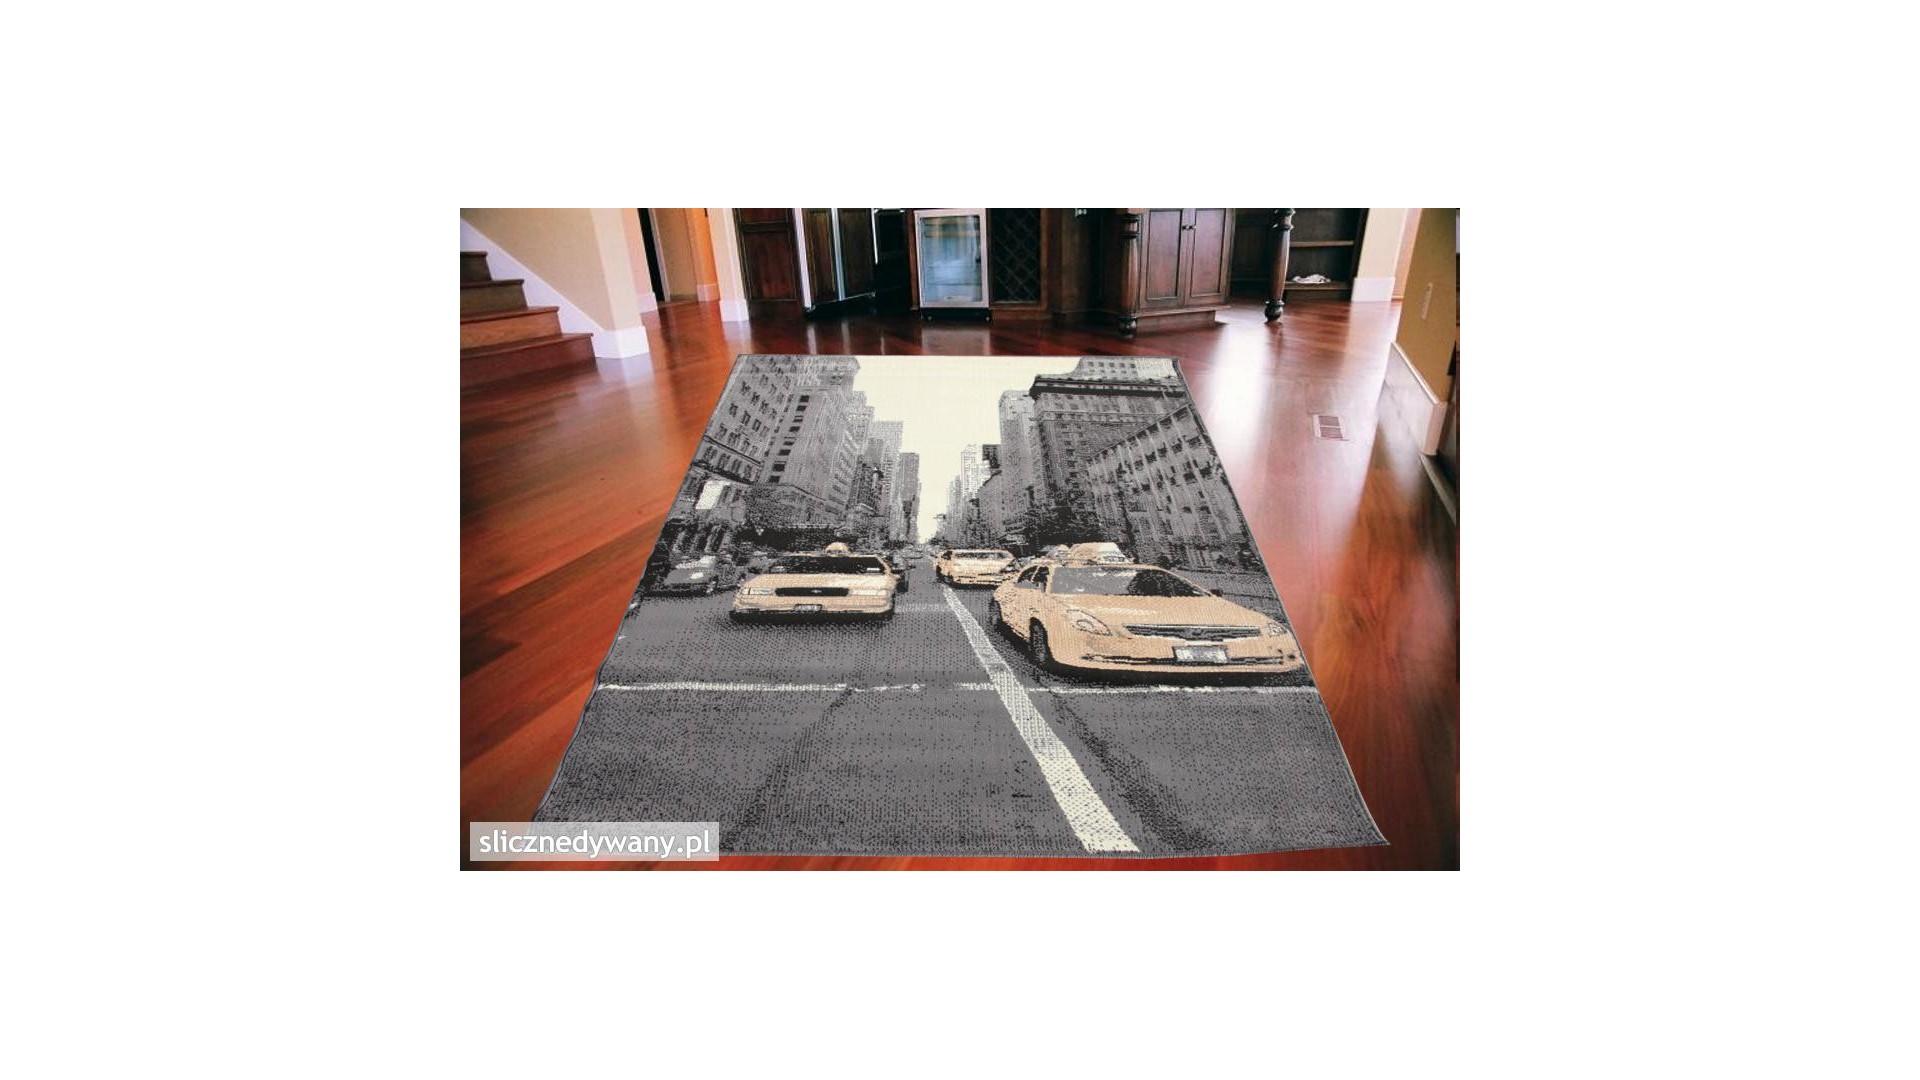 Nowoczesny dywan do salonu.